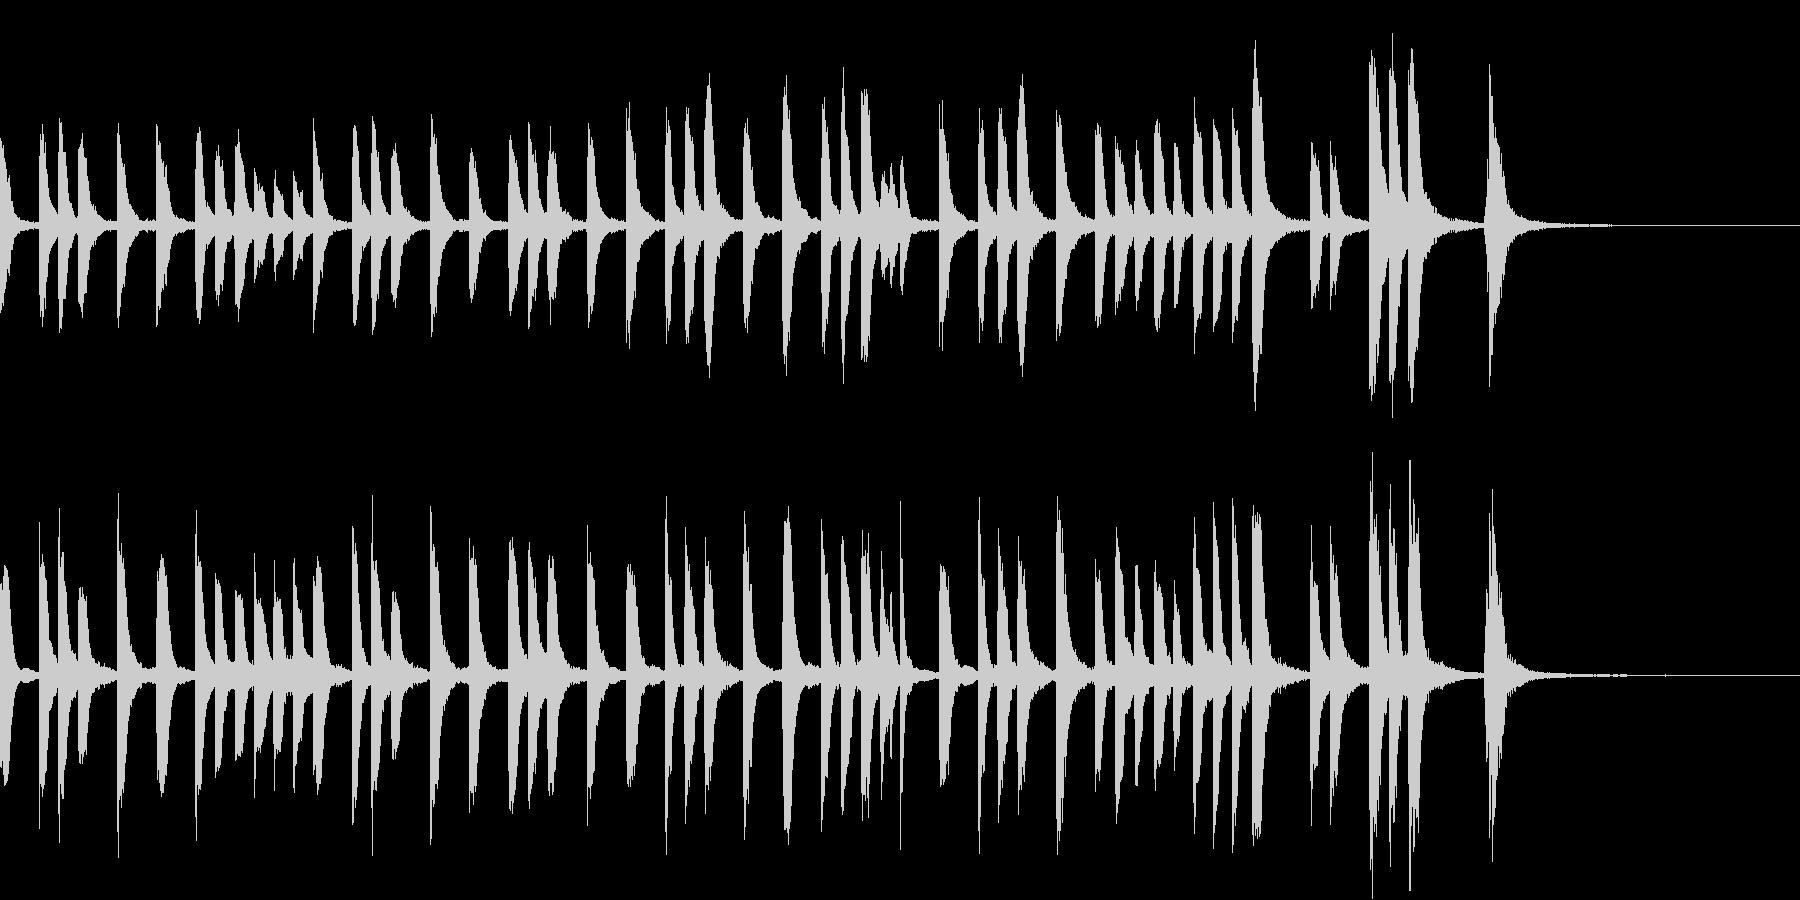 コミカルでカワイイほのぼのしたピアノ曲の未再生の波形